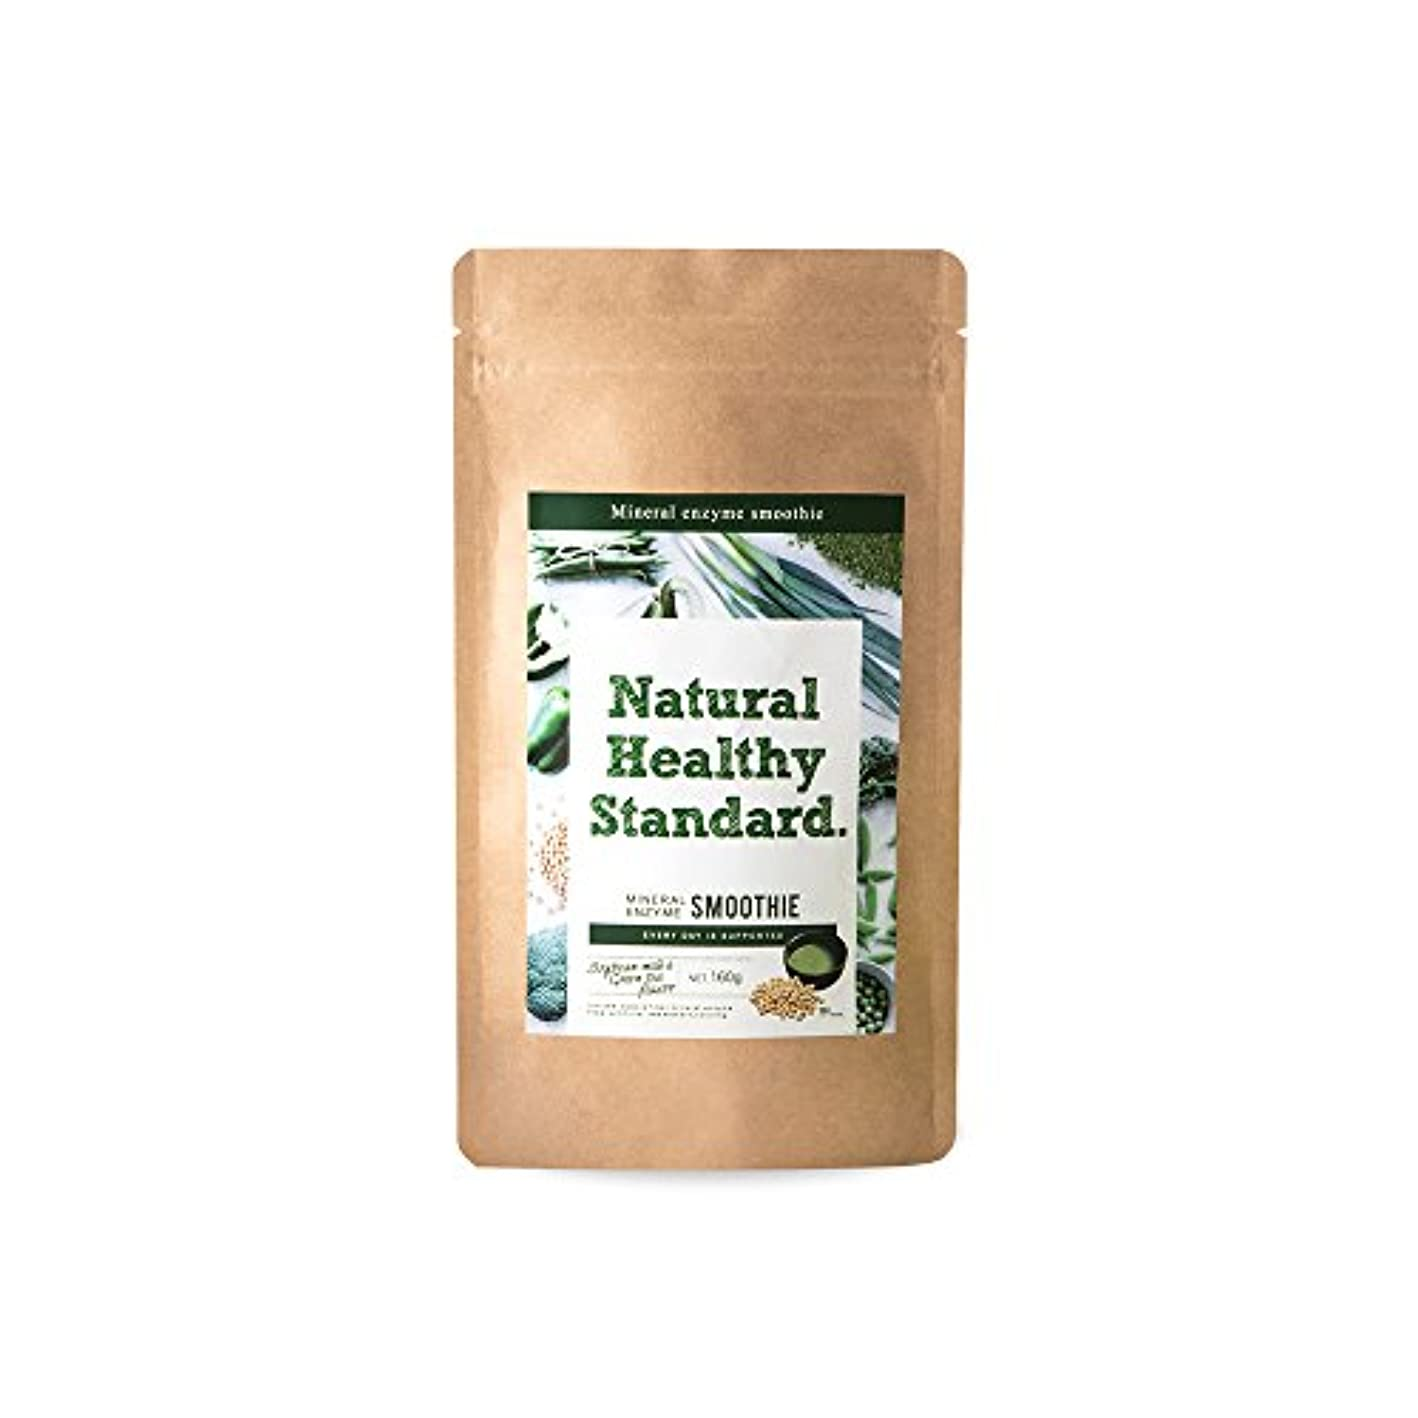 モスク幾何学冷蔵庫NaturalHealthyStandard(ナチュラルヘルシースタンダード) ミネラル酵素グリーンスムージー 豆乳抹茶味 160g